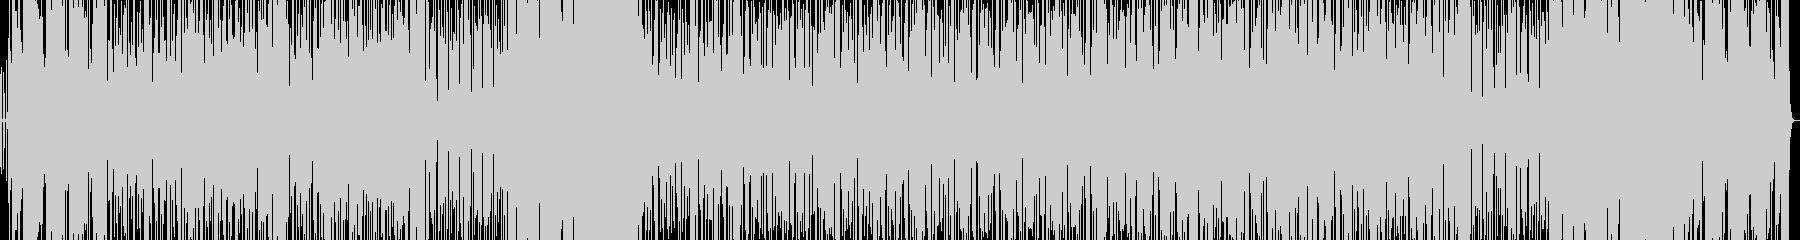 生サックス 緩く楽しい1コードファンクの未再生の波形